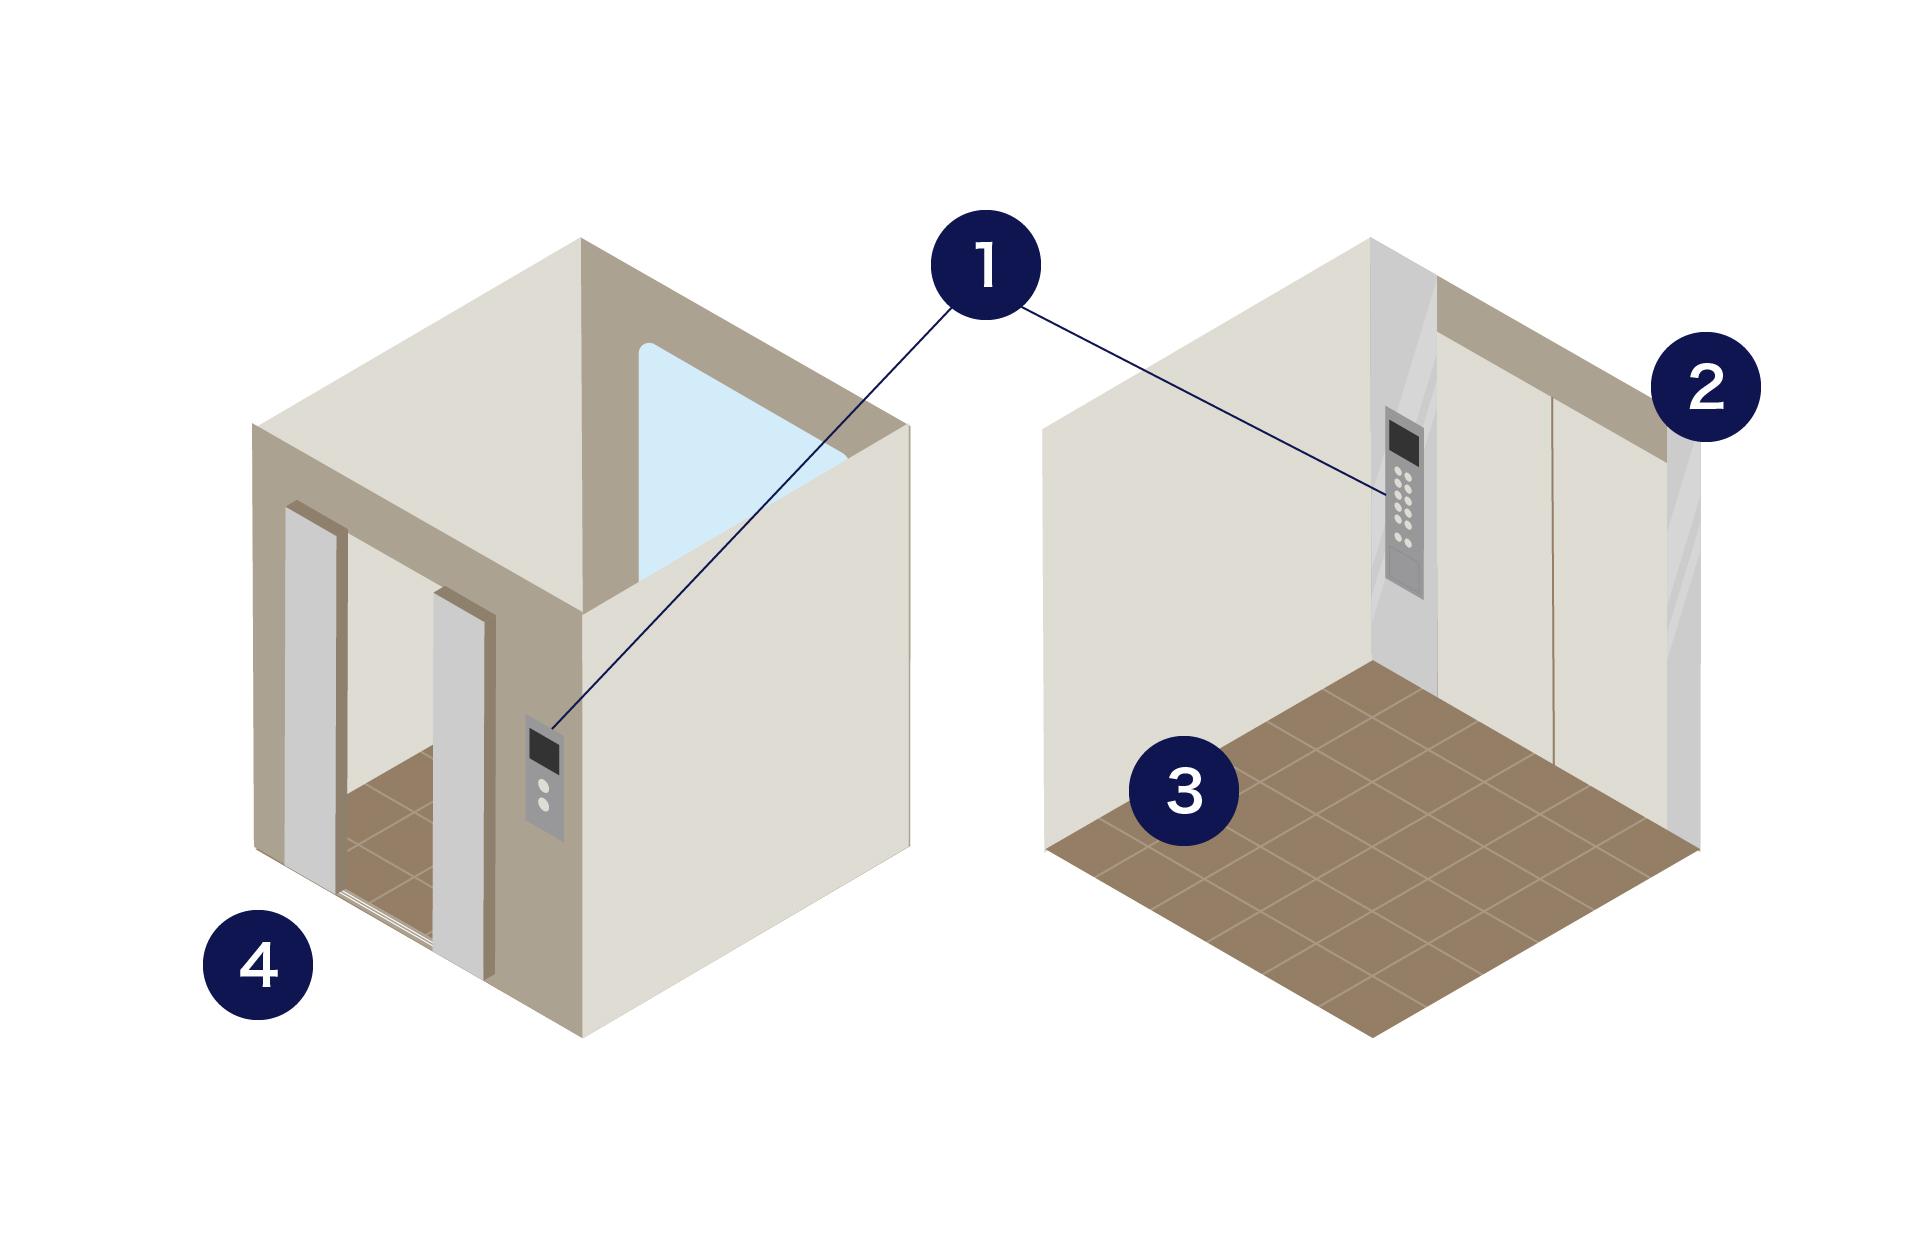 左右に二つのエレベーターがあり、かご操作盤やのりばインジケータ・ボタンには1の番号が、ドア・かご内の側板・三方枠には2の番号が・床タイルには3の番号が、敷居には4の番号がそれぞれ振られているイメージ